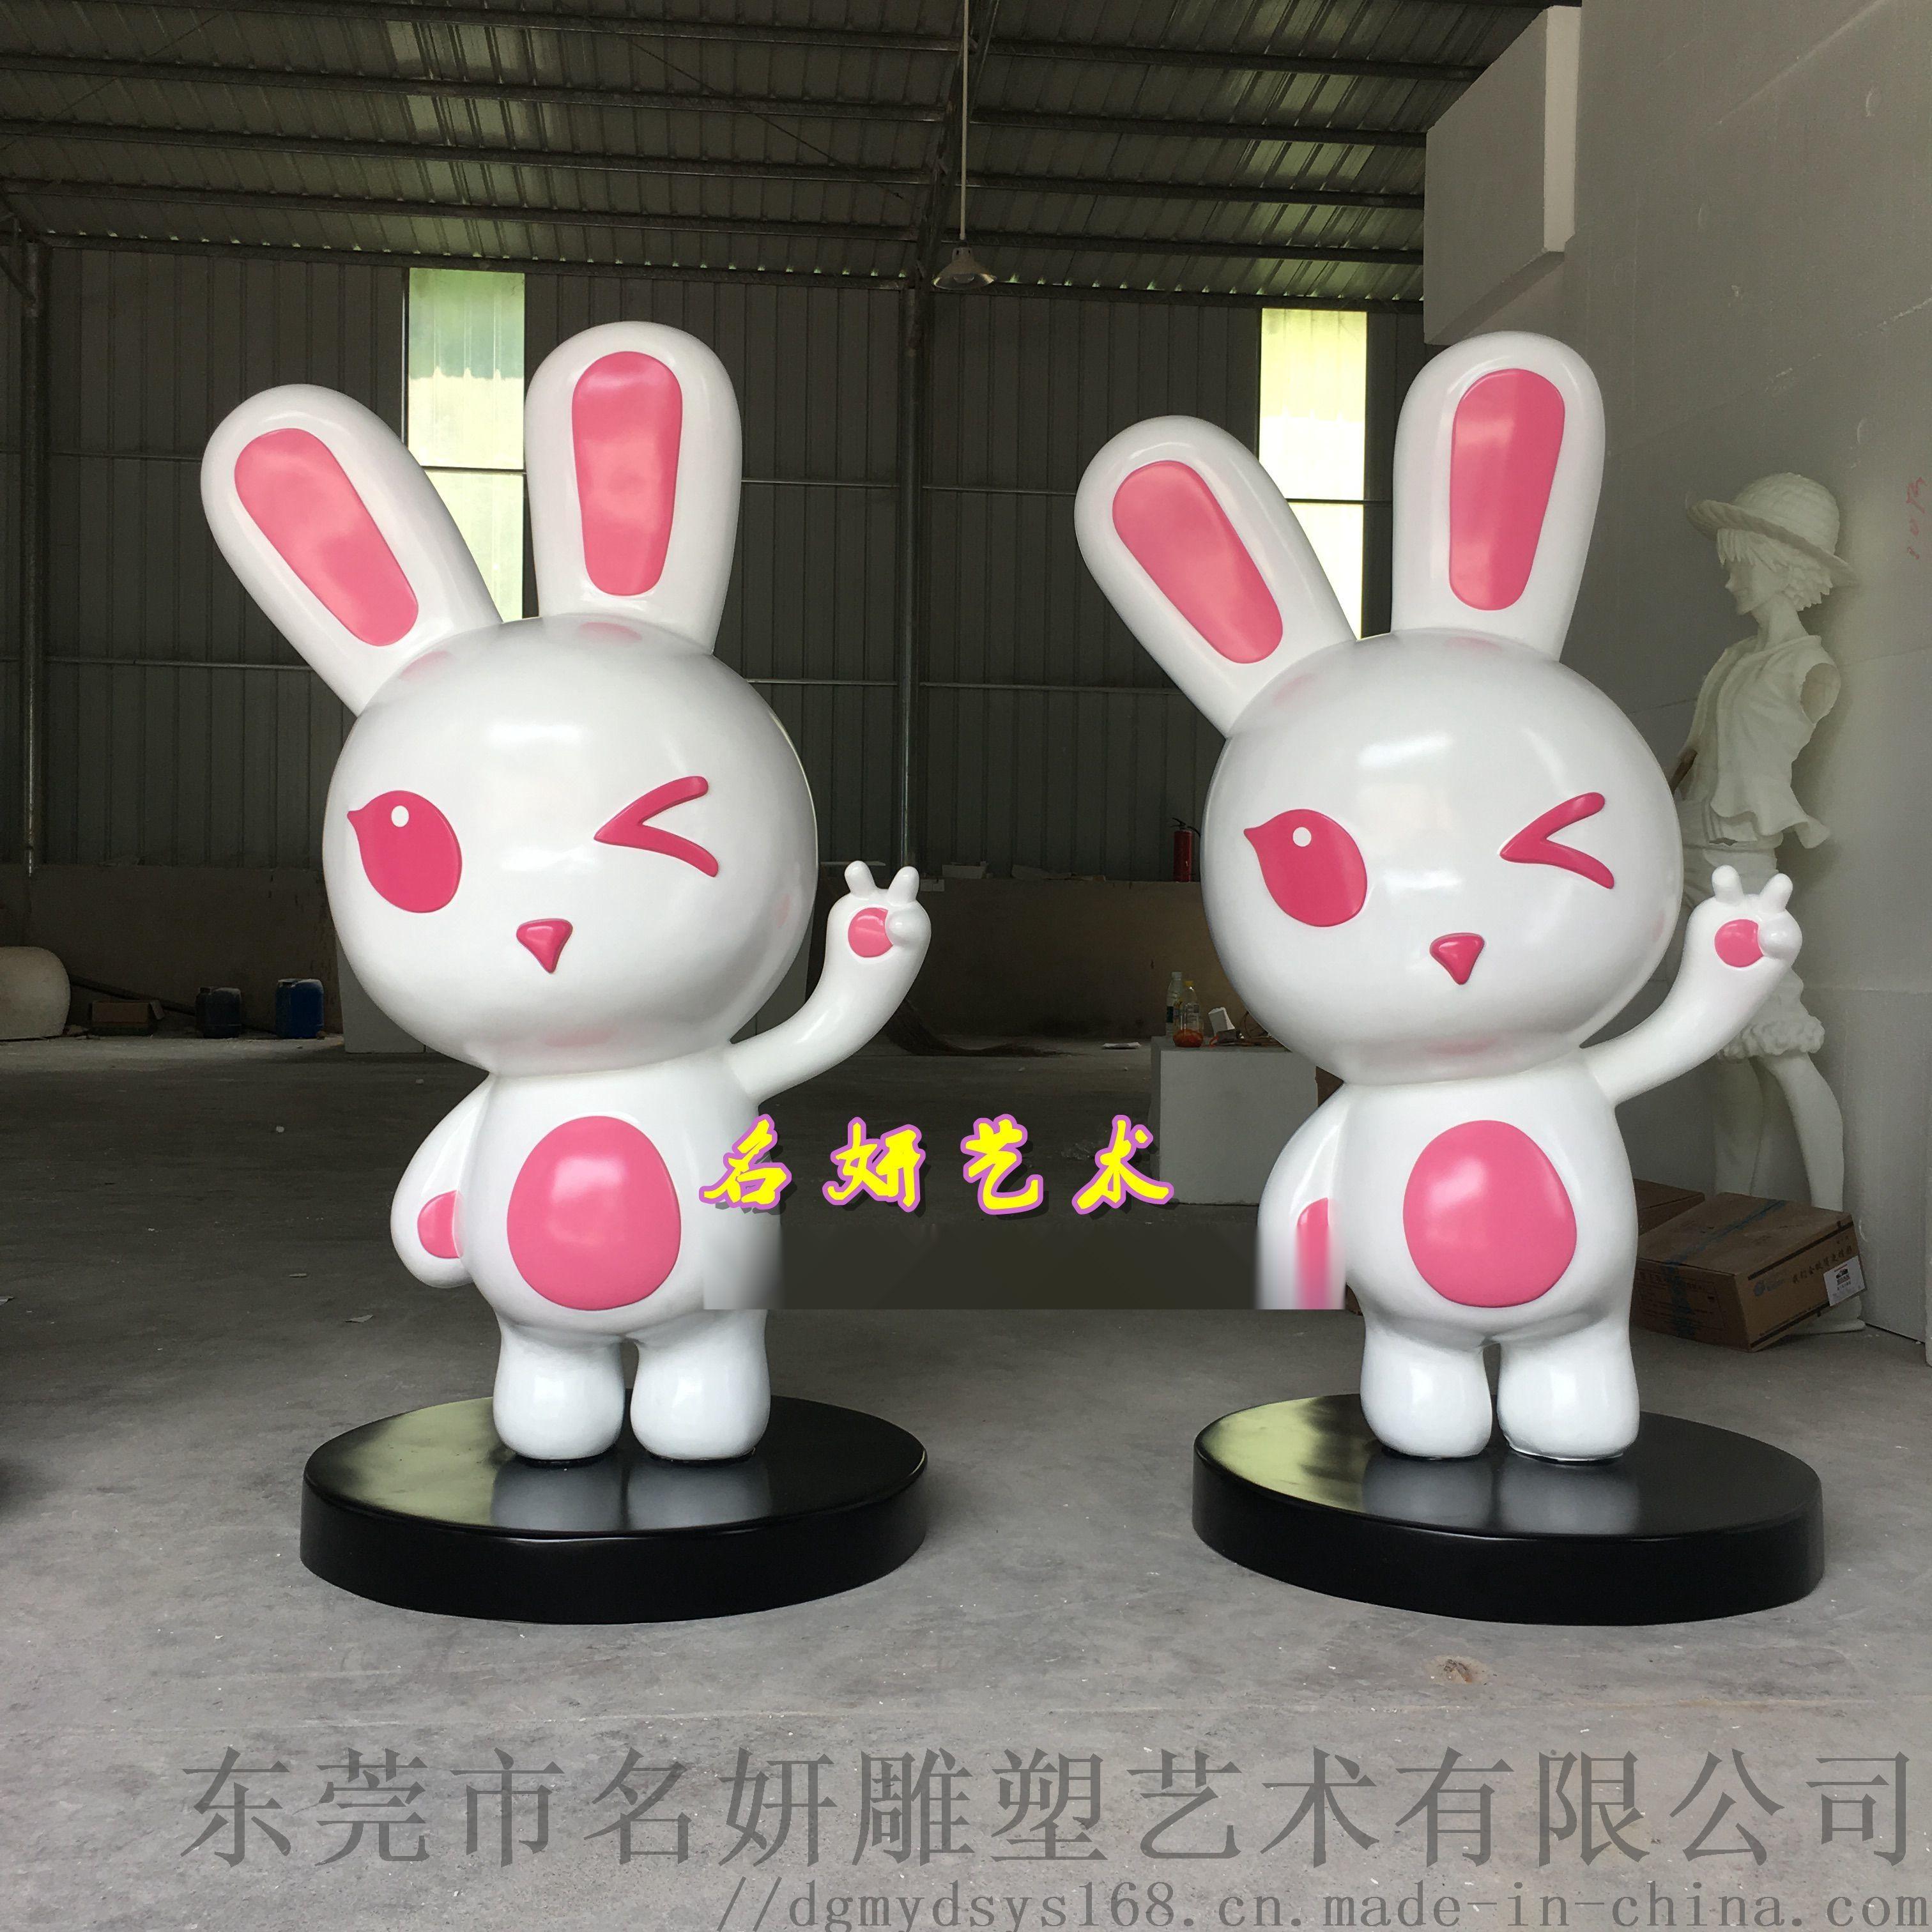 火爆了杭州玻璃鋼喜兔公司吉祥物雕塑卡通IP兔子形象868414855